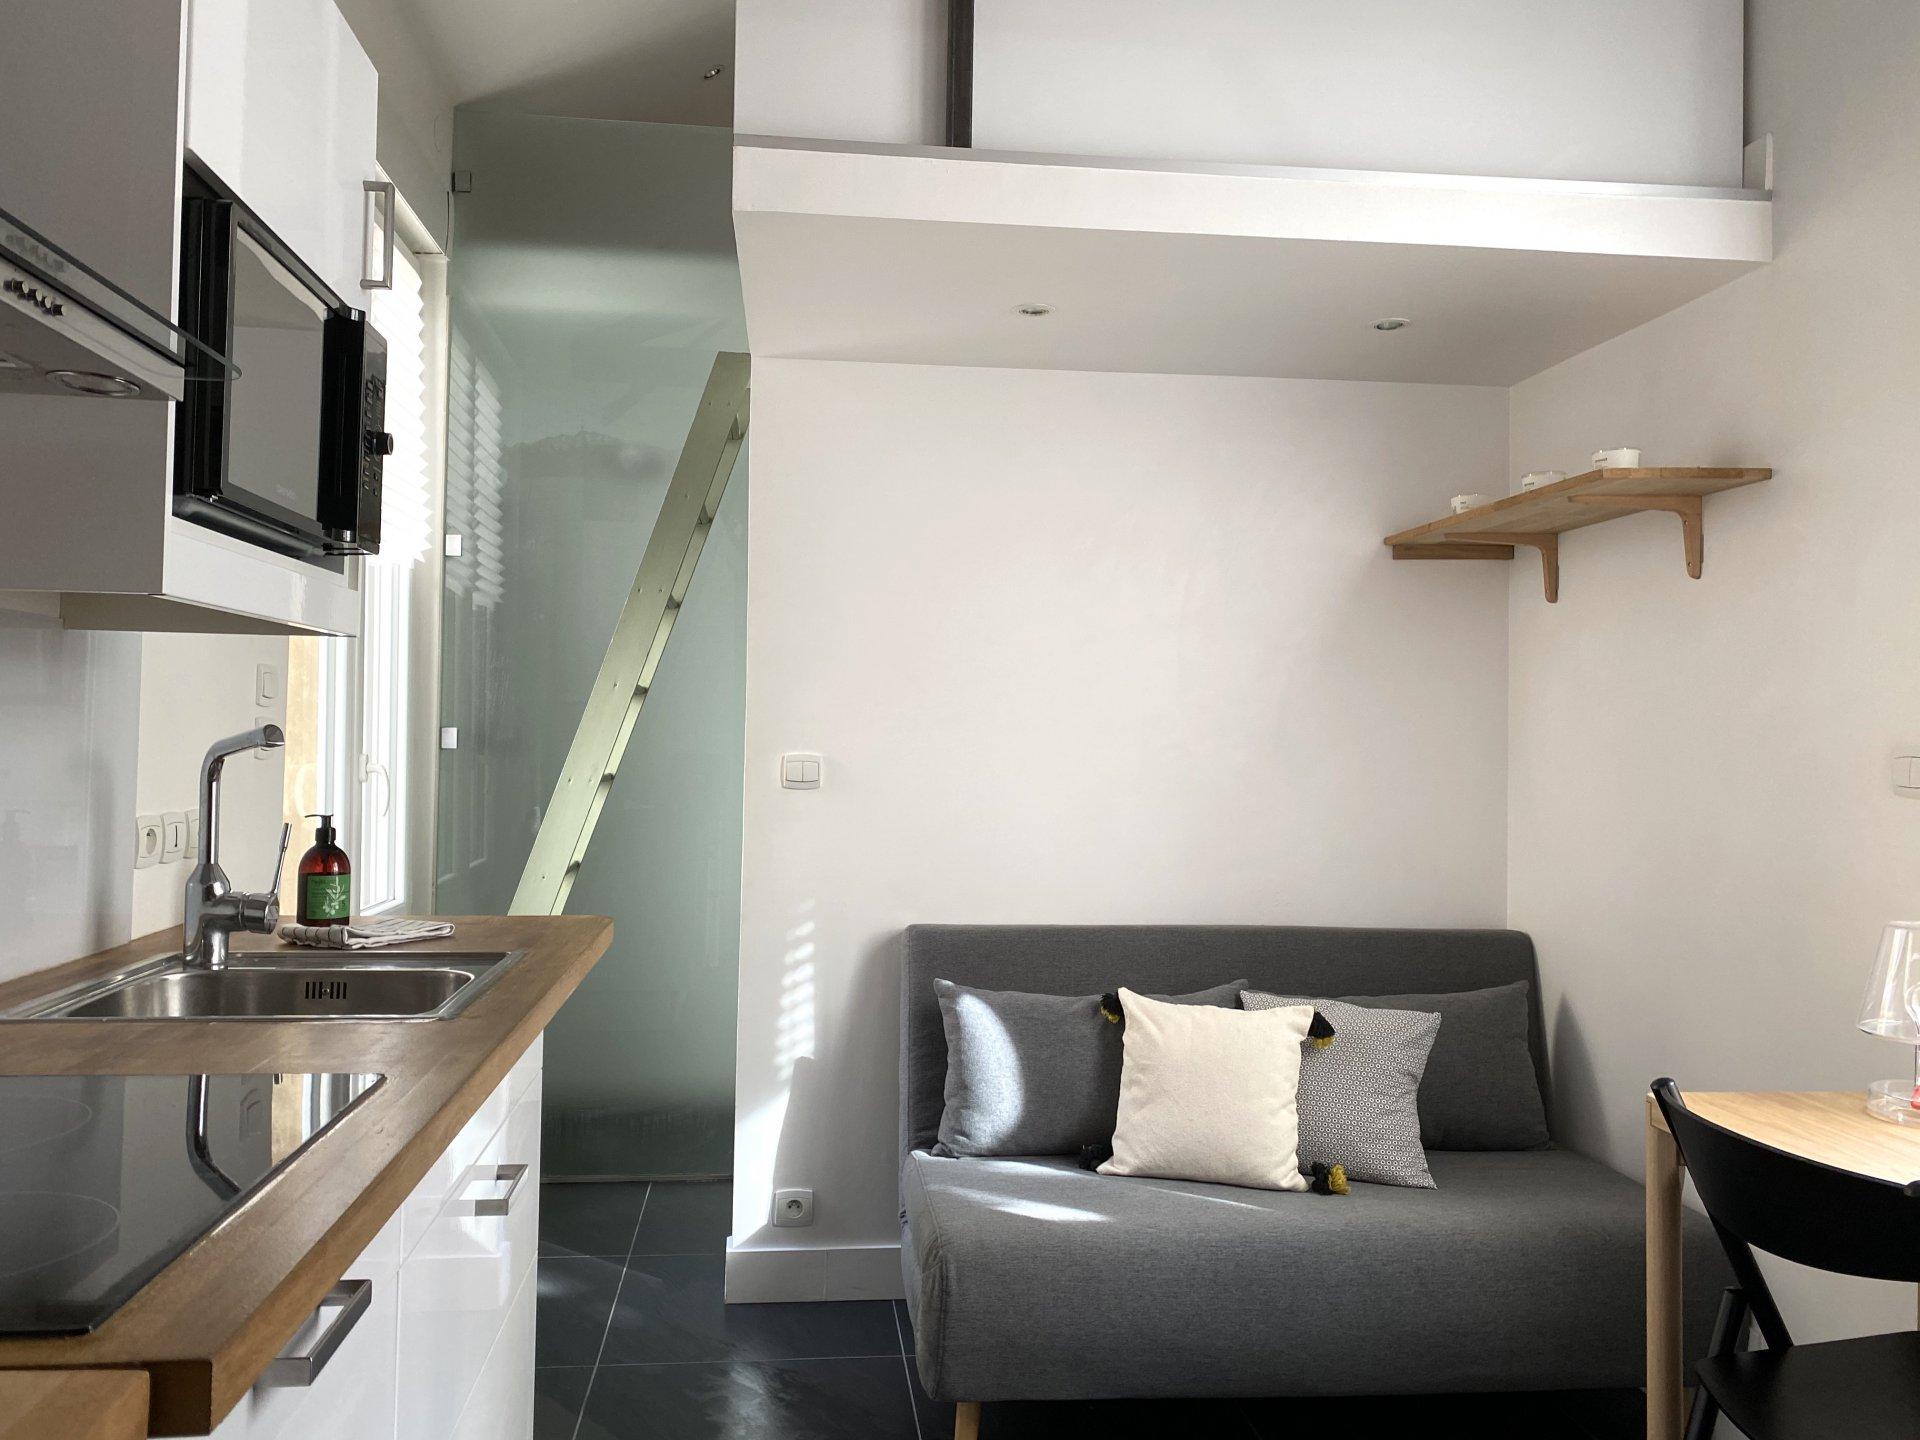 Loué par notre agence - Duplex rénové rue de créqui Lyon 3e